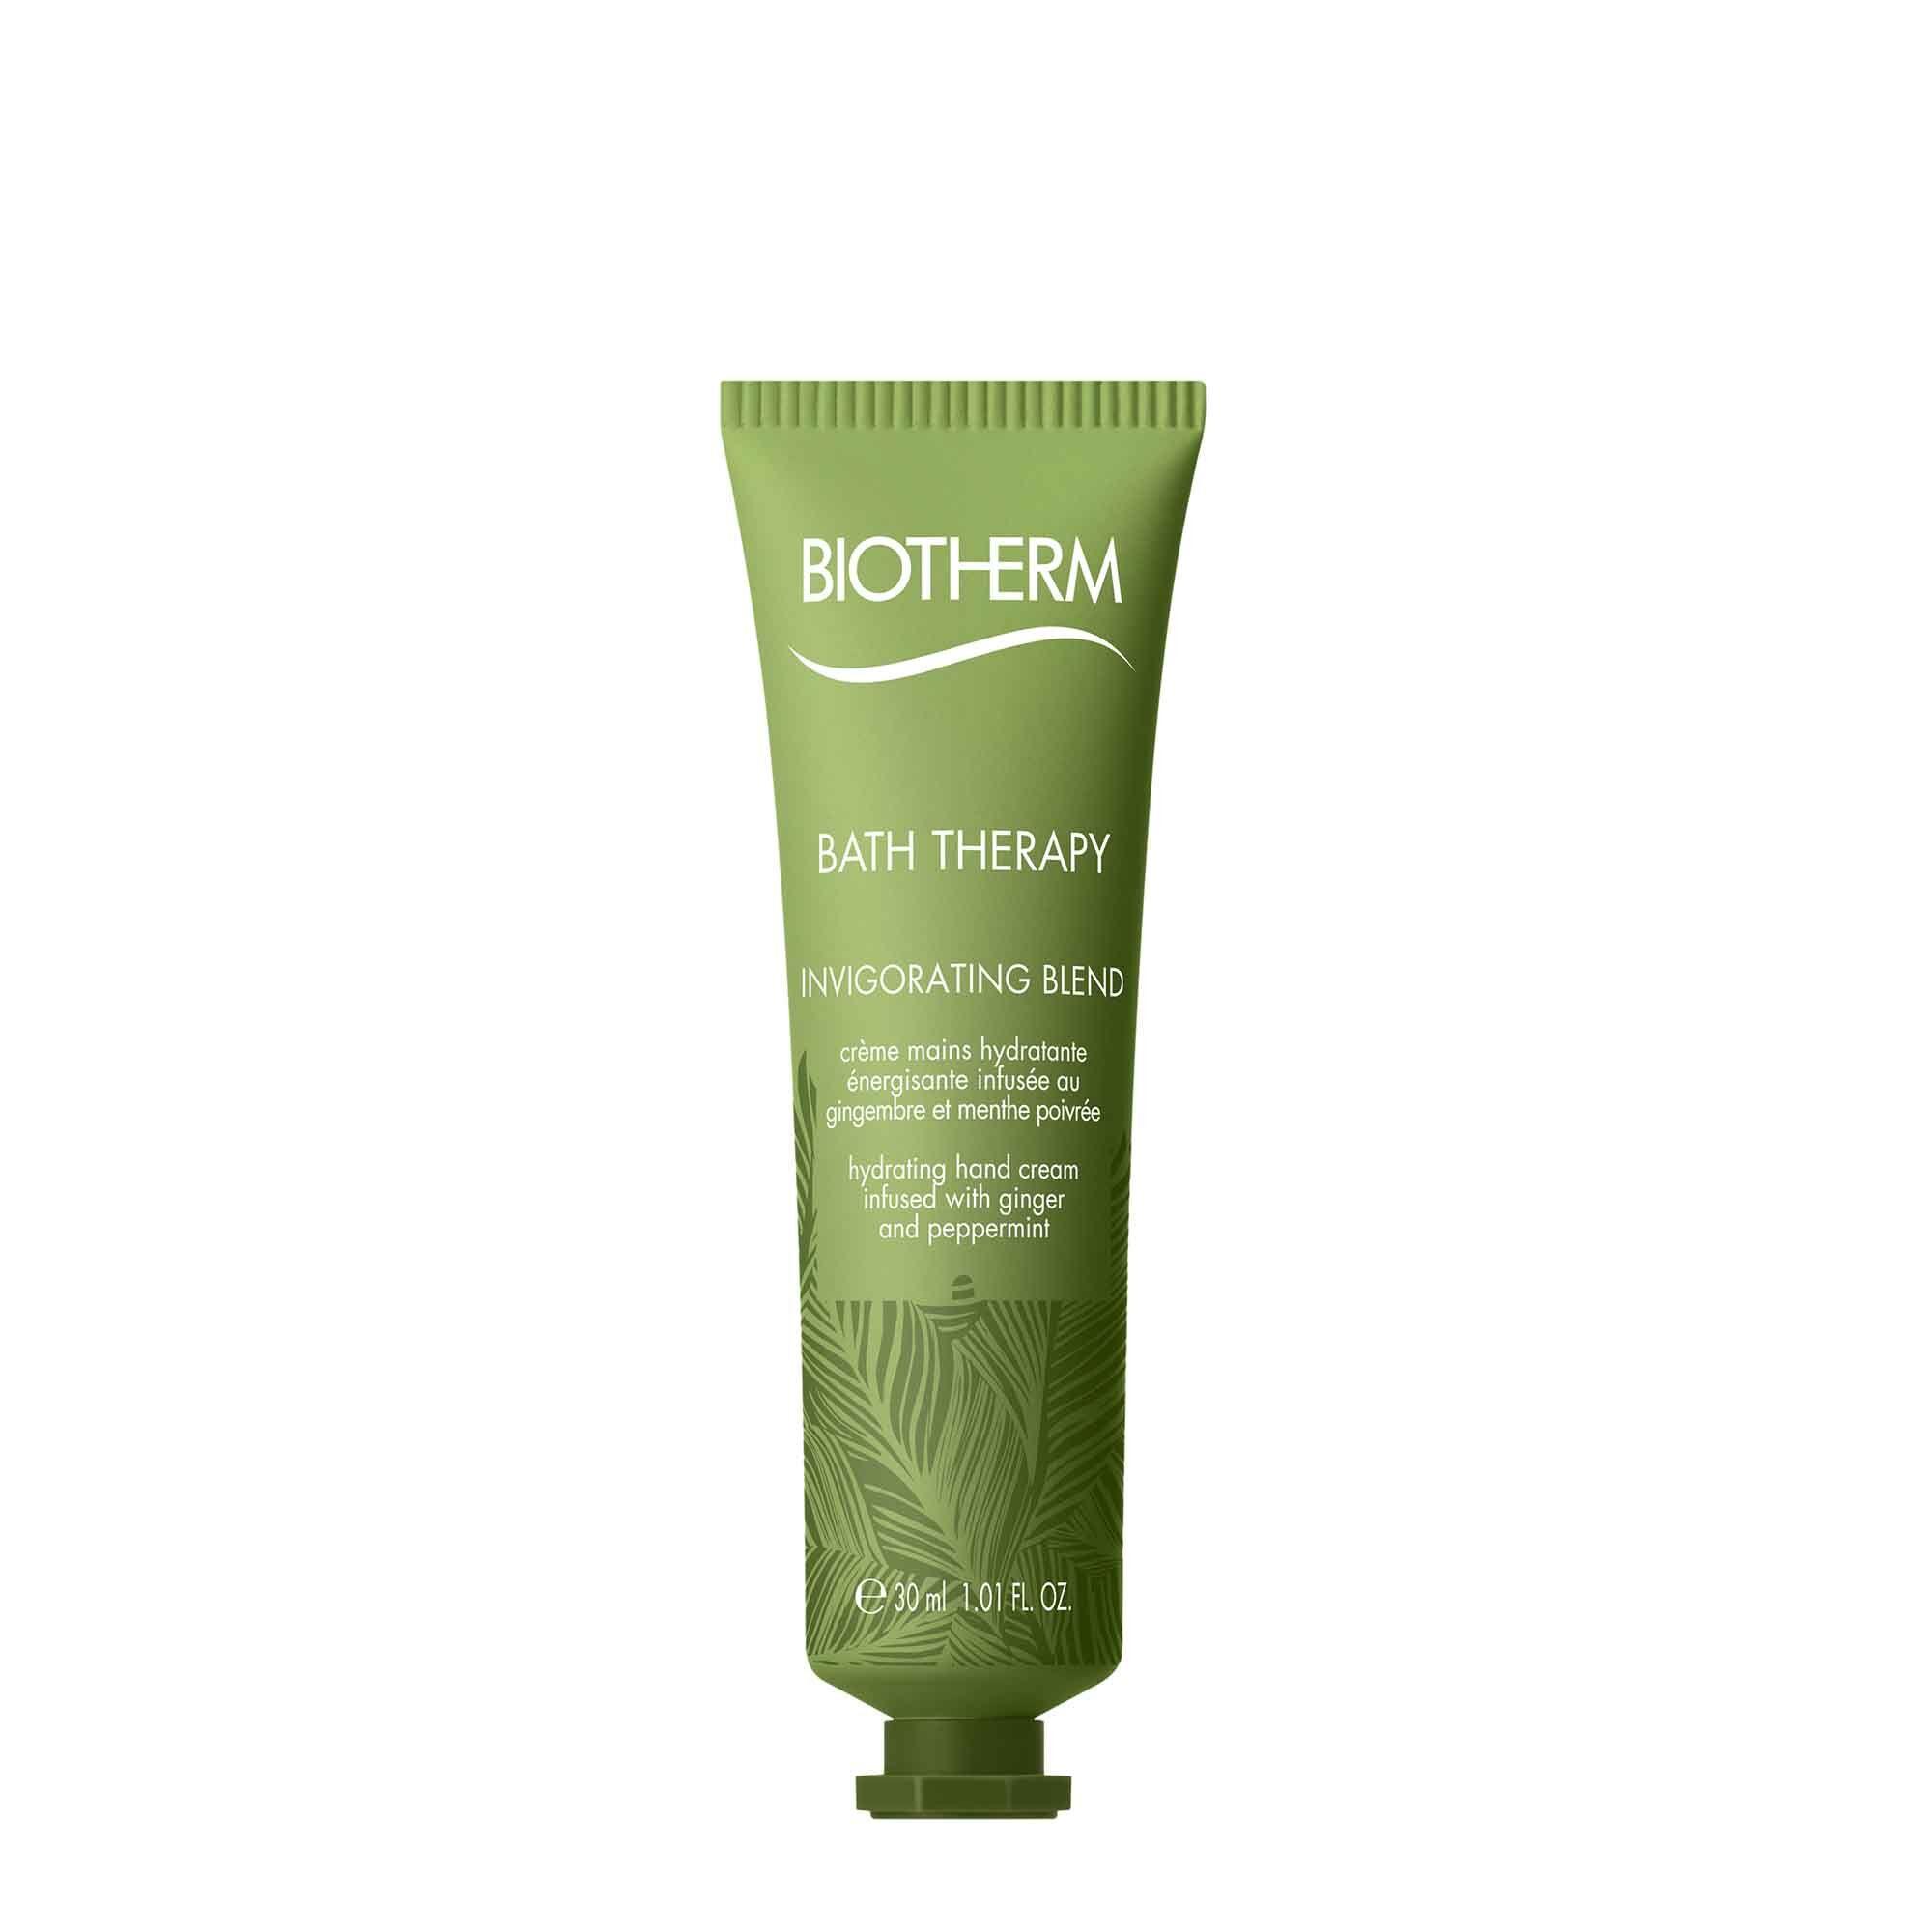 Bath Therapy Invigorating Hand Cream